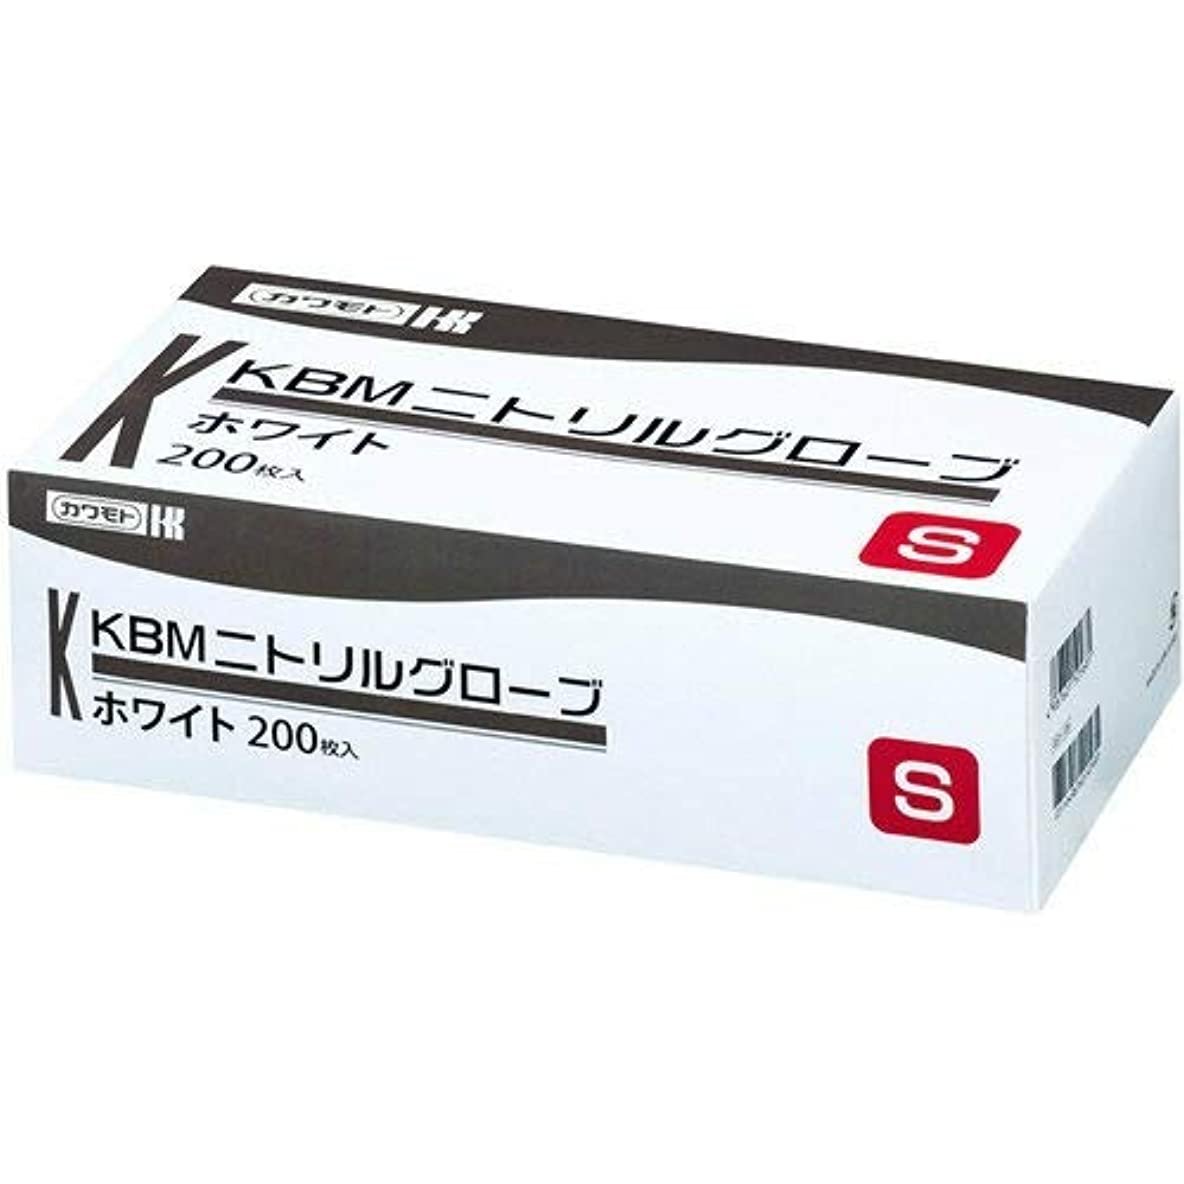 形ストレージなめらか川本産業 カワモト ニトリルグローブ ホワイト S 200枚入